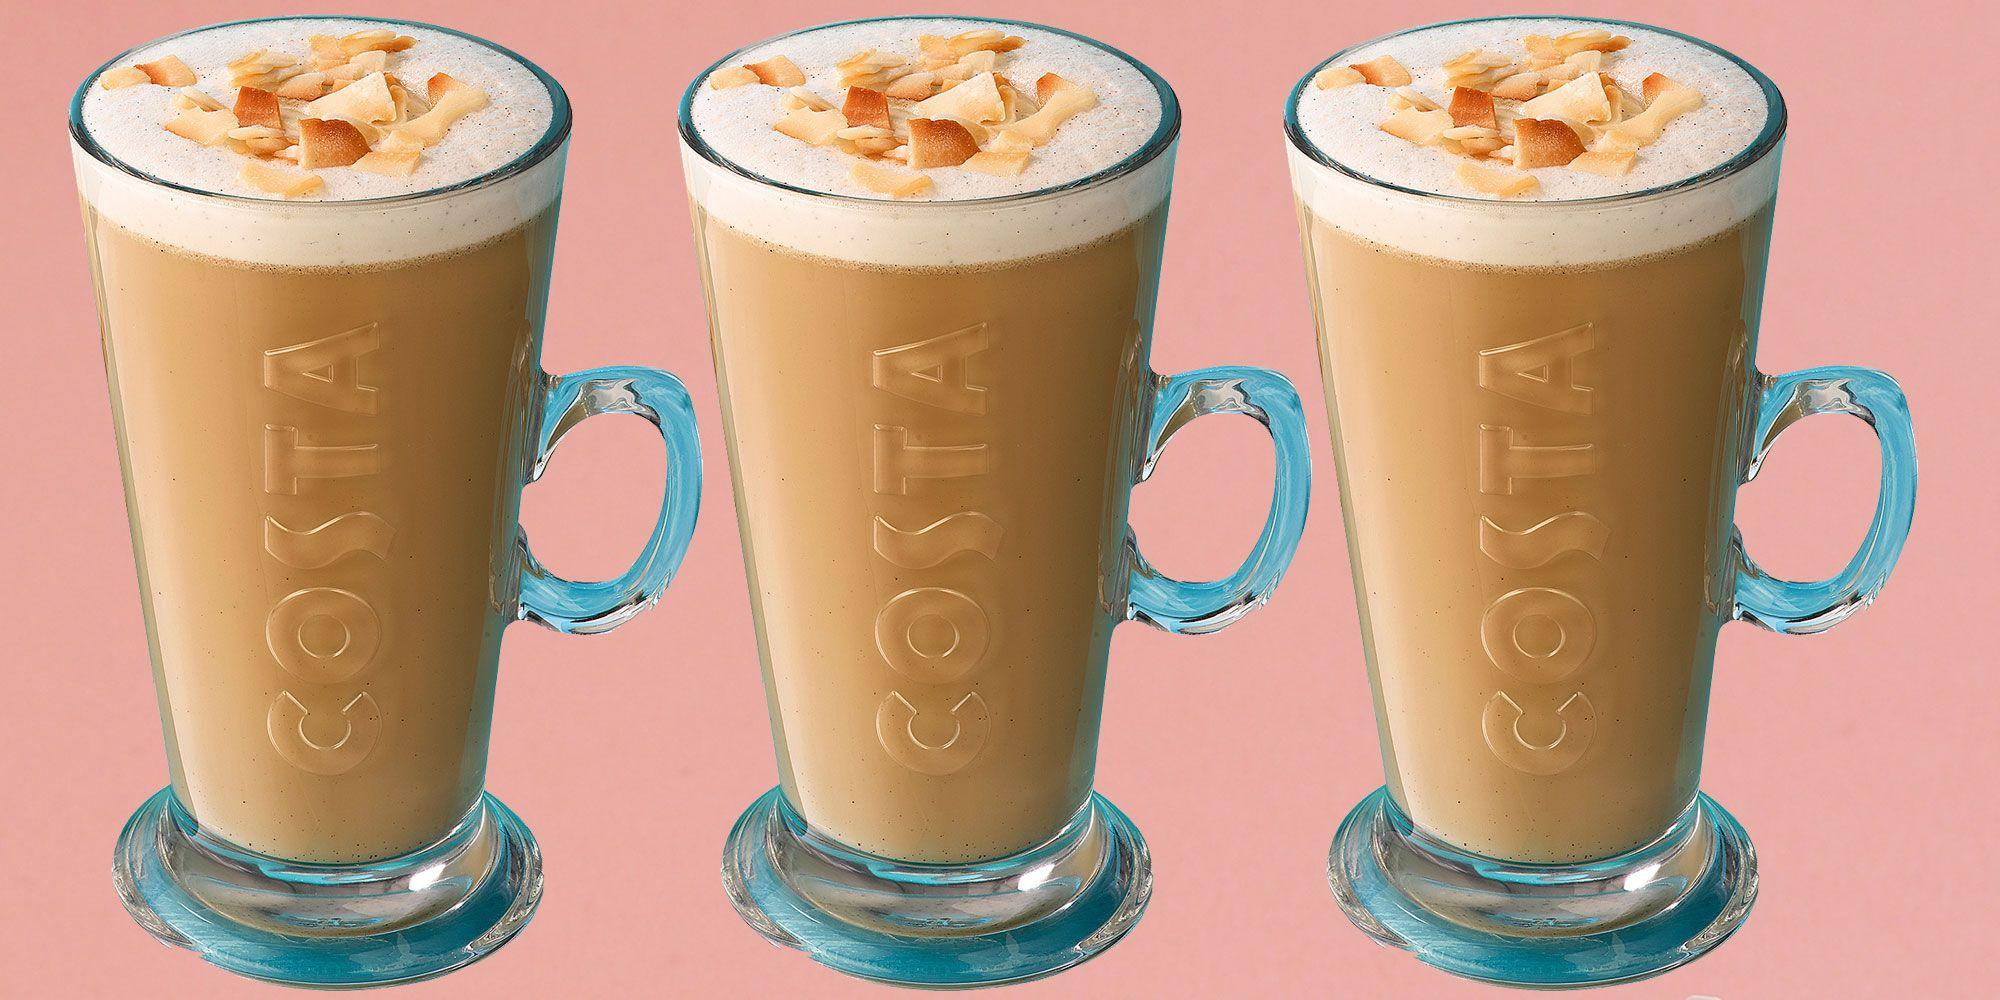 Costa coconut milk lattes